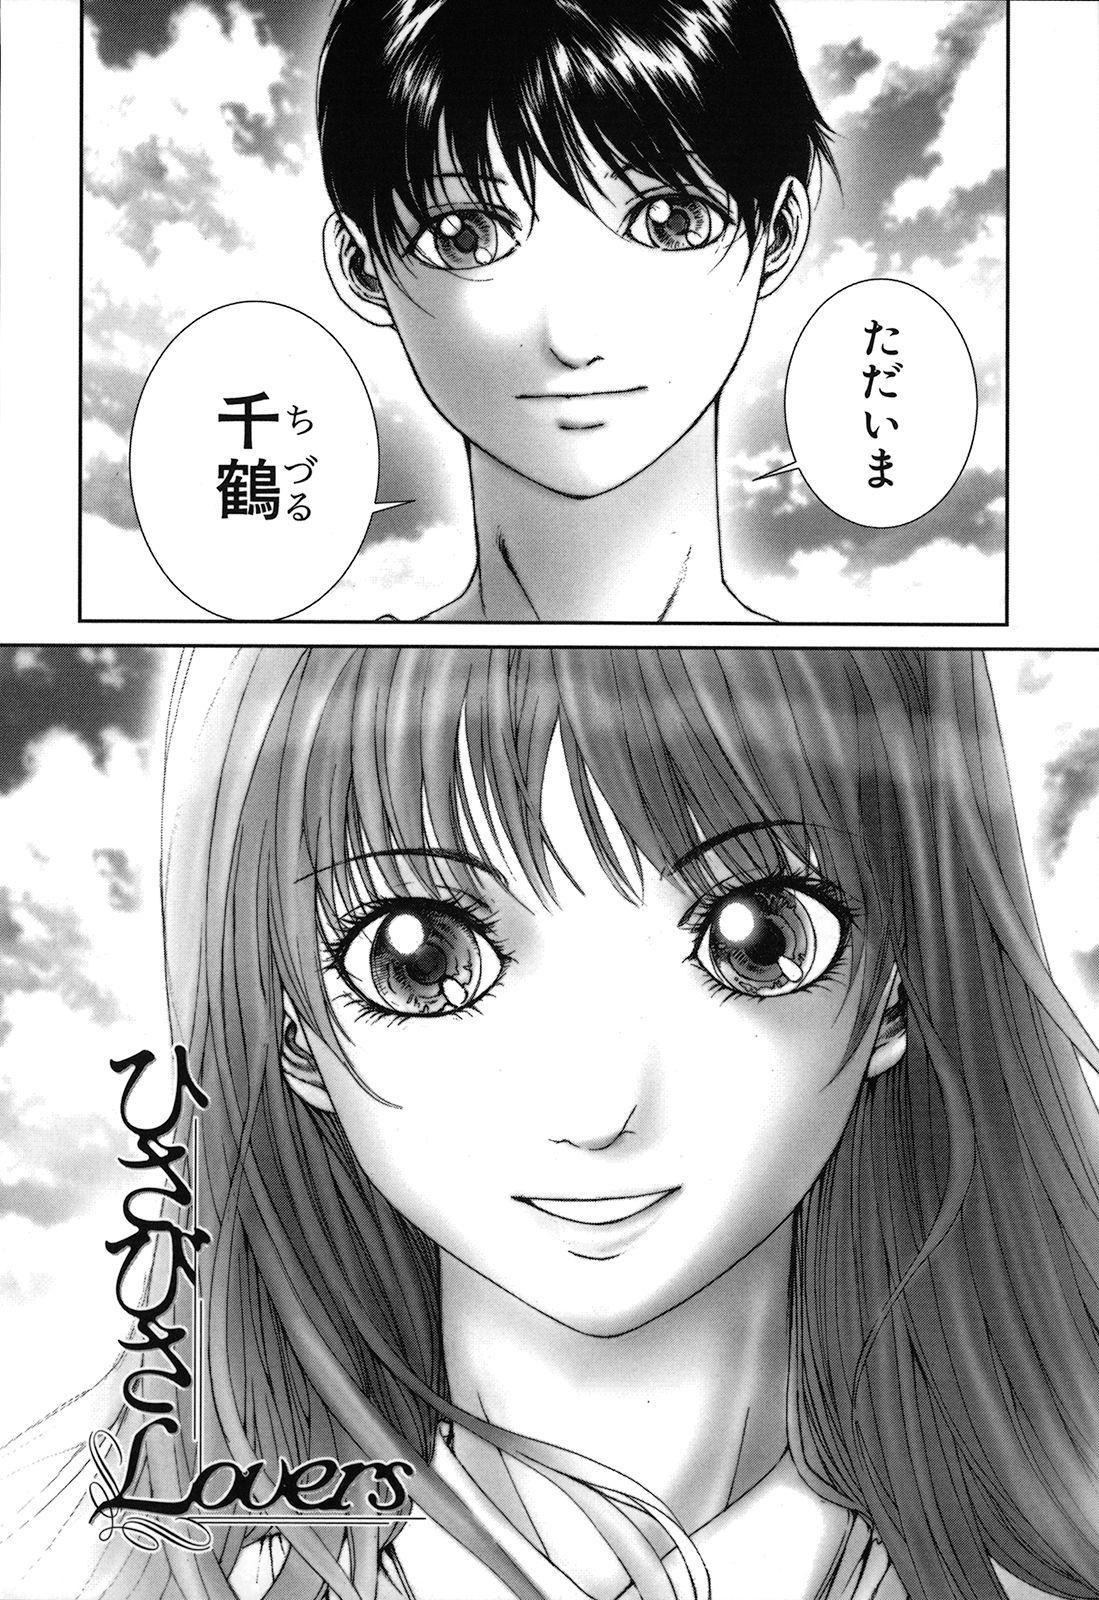 Kou Musume 153